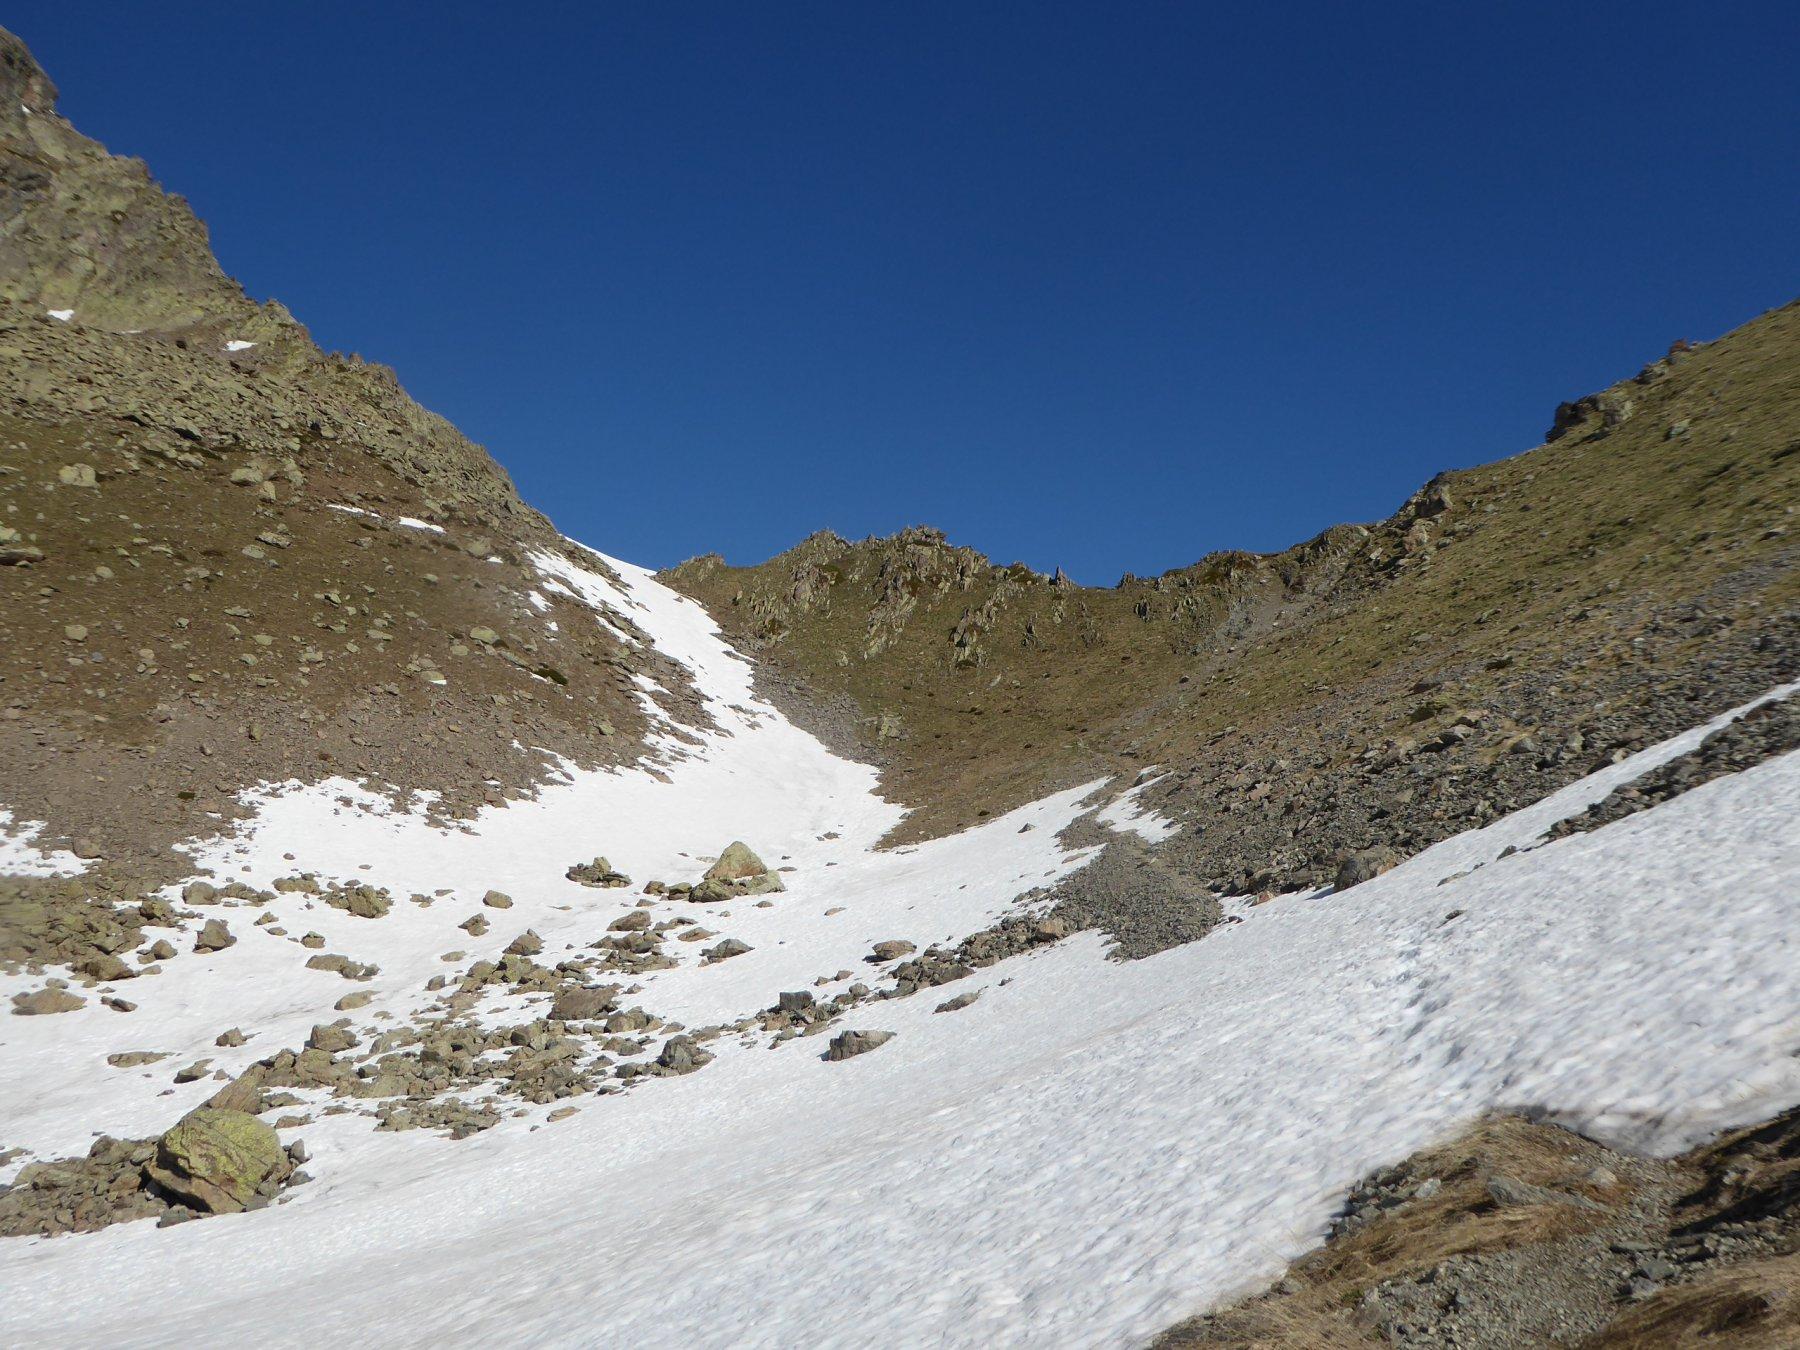 il Colle Laroussa sulla sinistra, i risalti rocciosi che conviene evitare alla sua destra